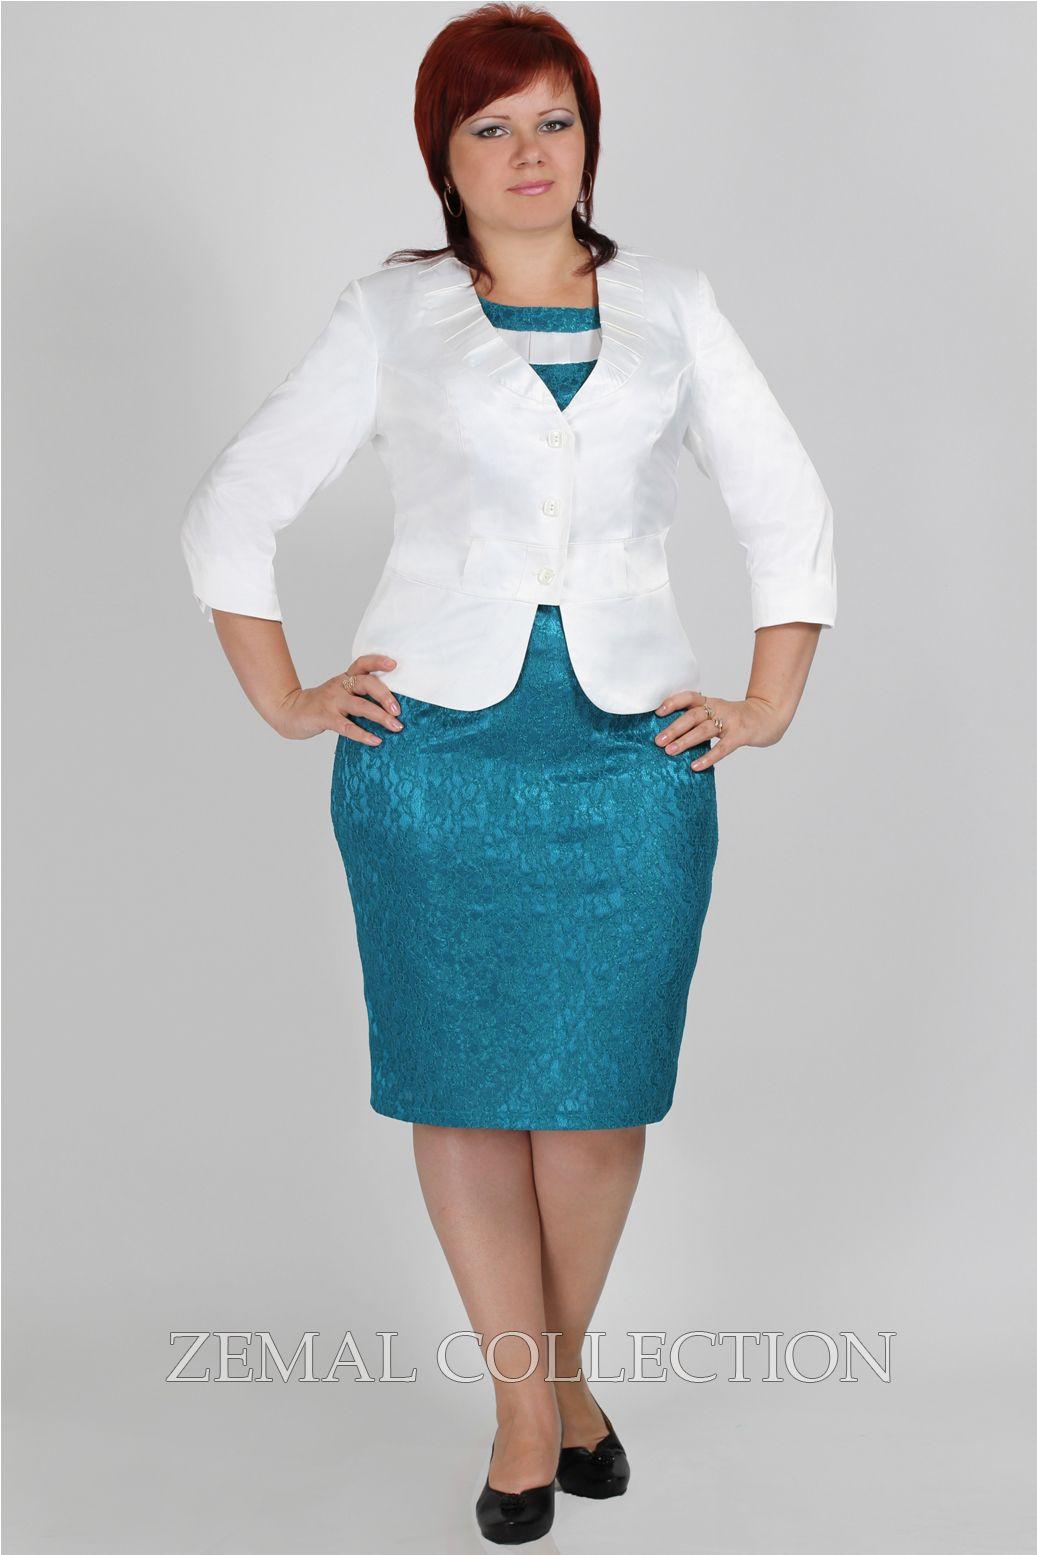 Спортивный костюм 64 размера женский